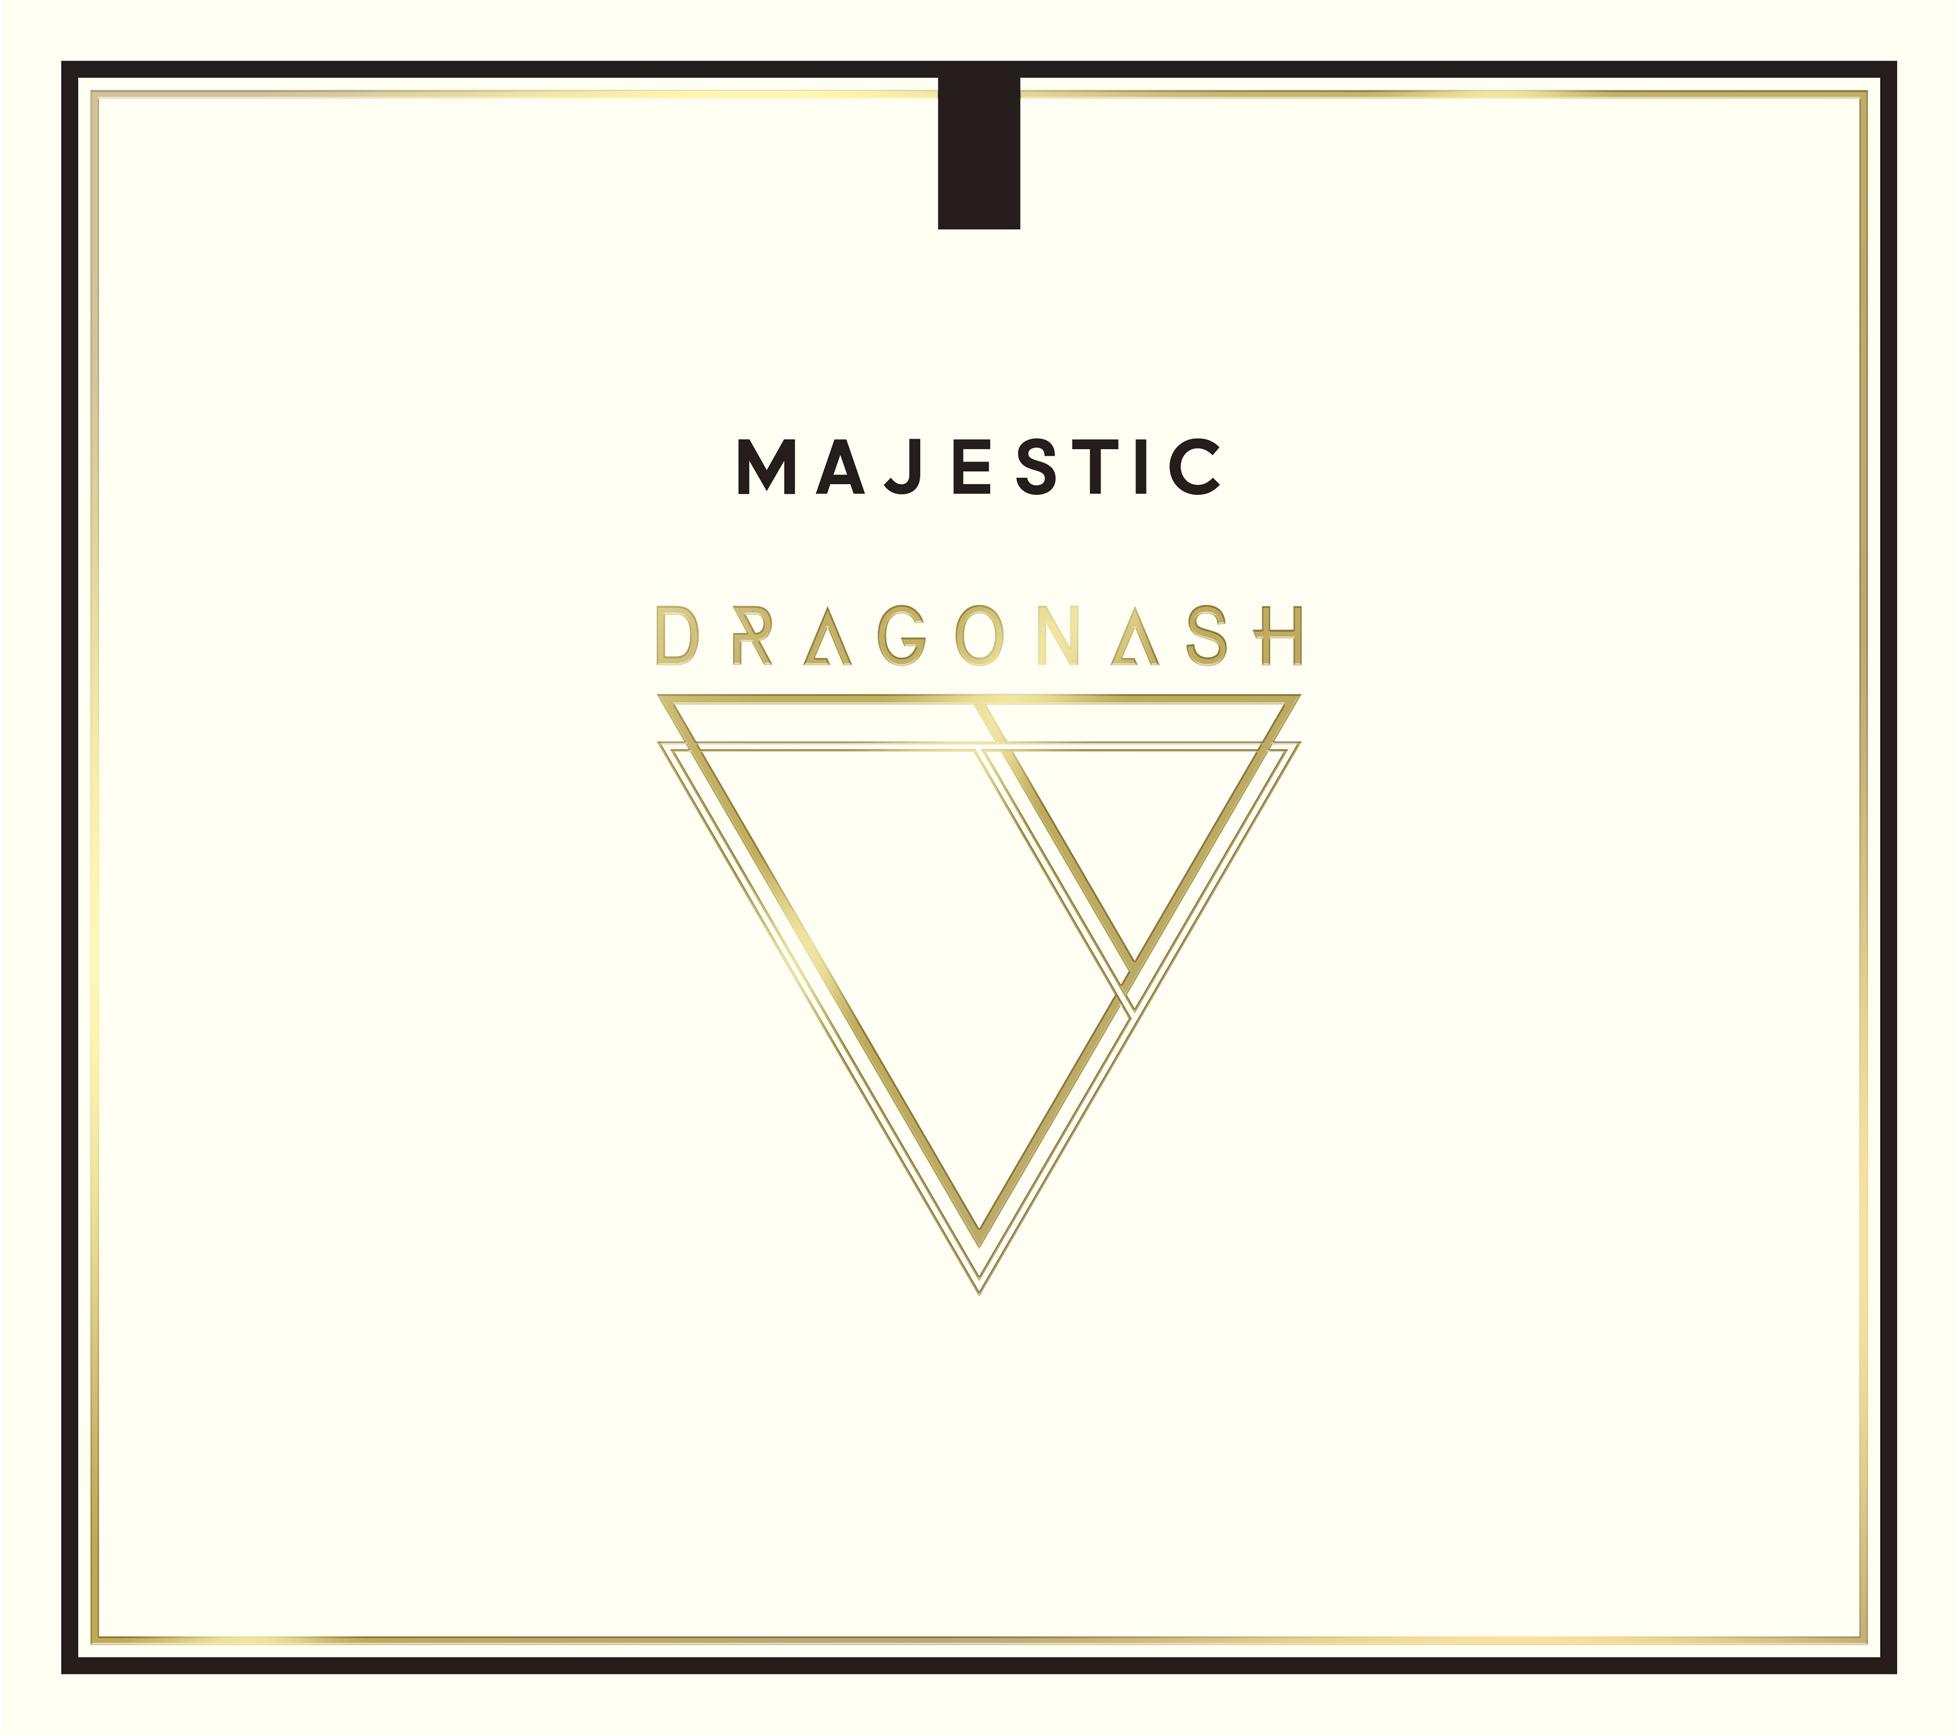 Dragon Ash - Velvet Touch